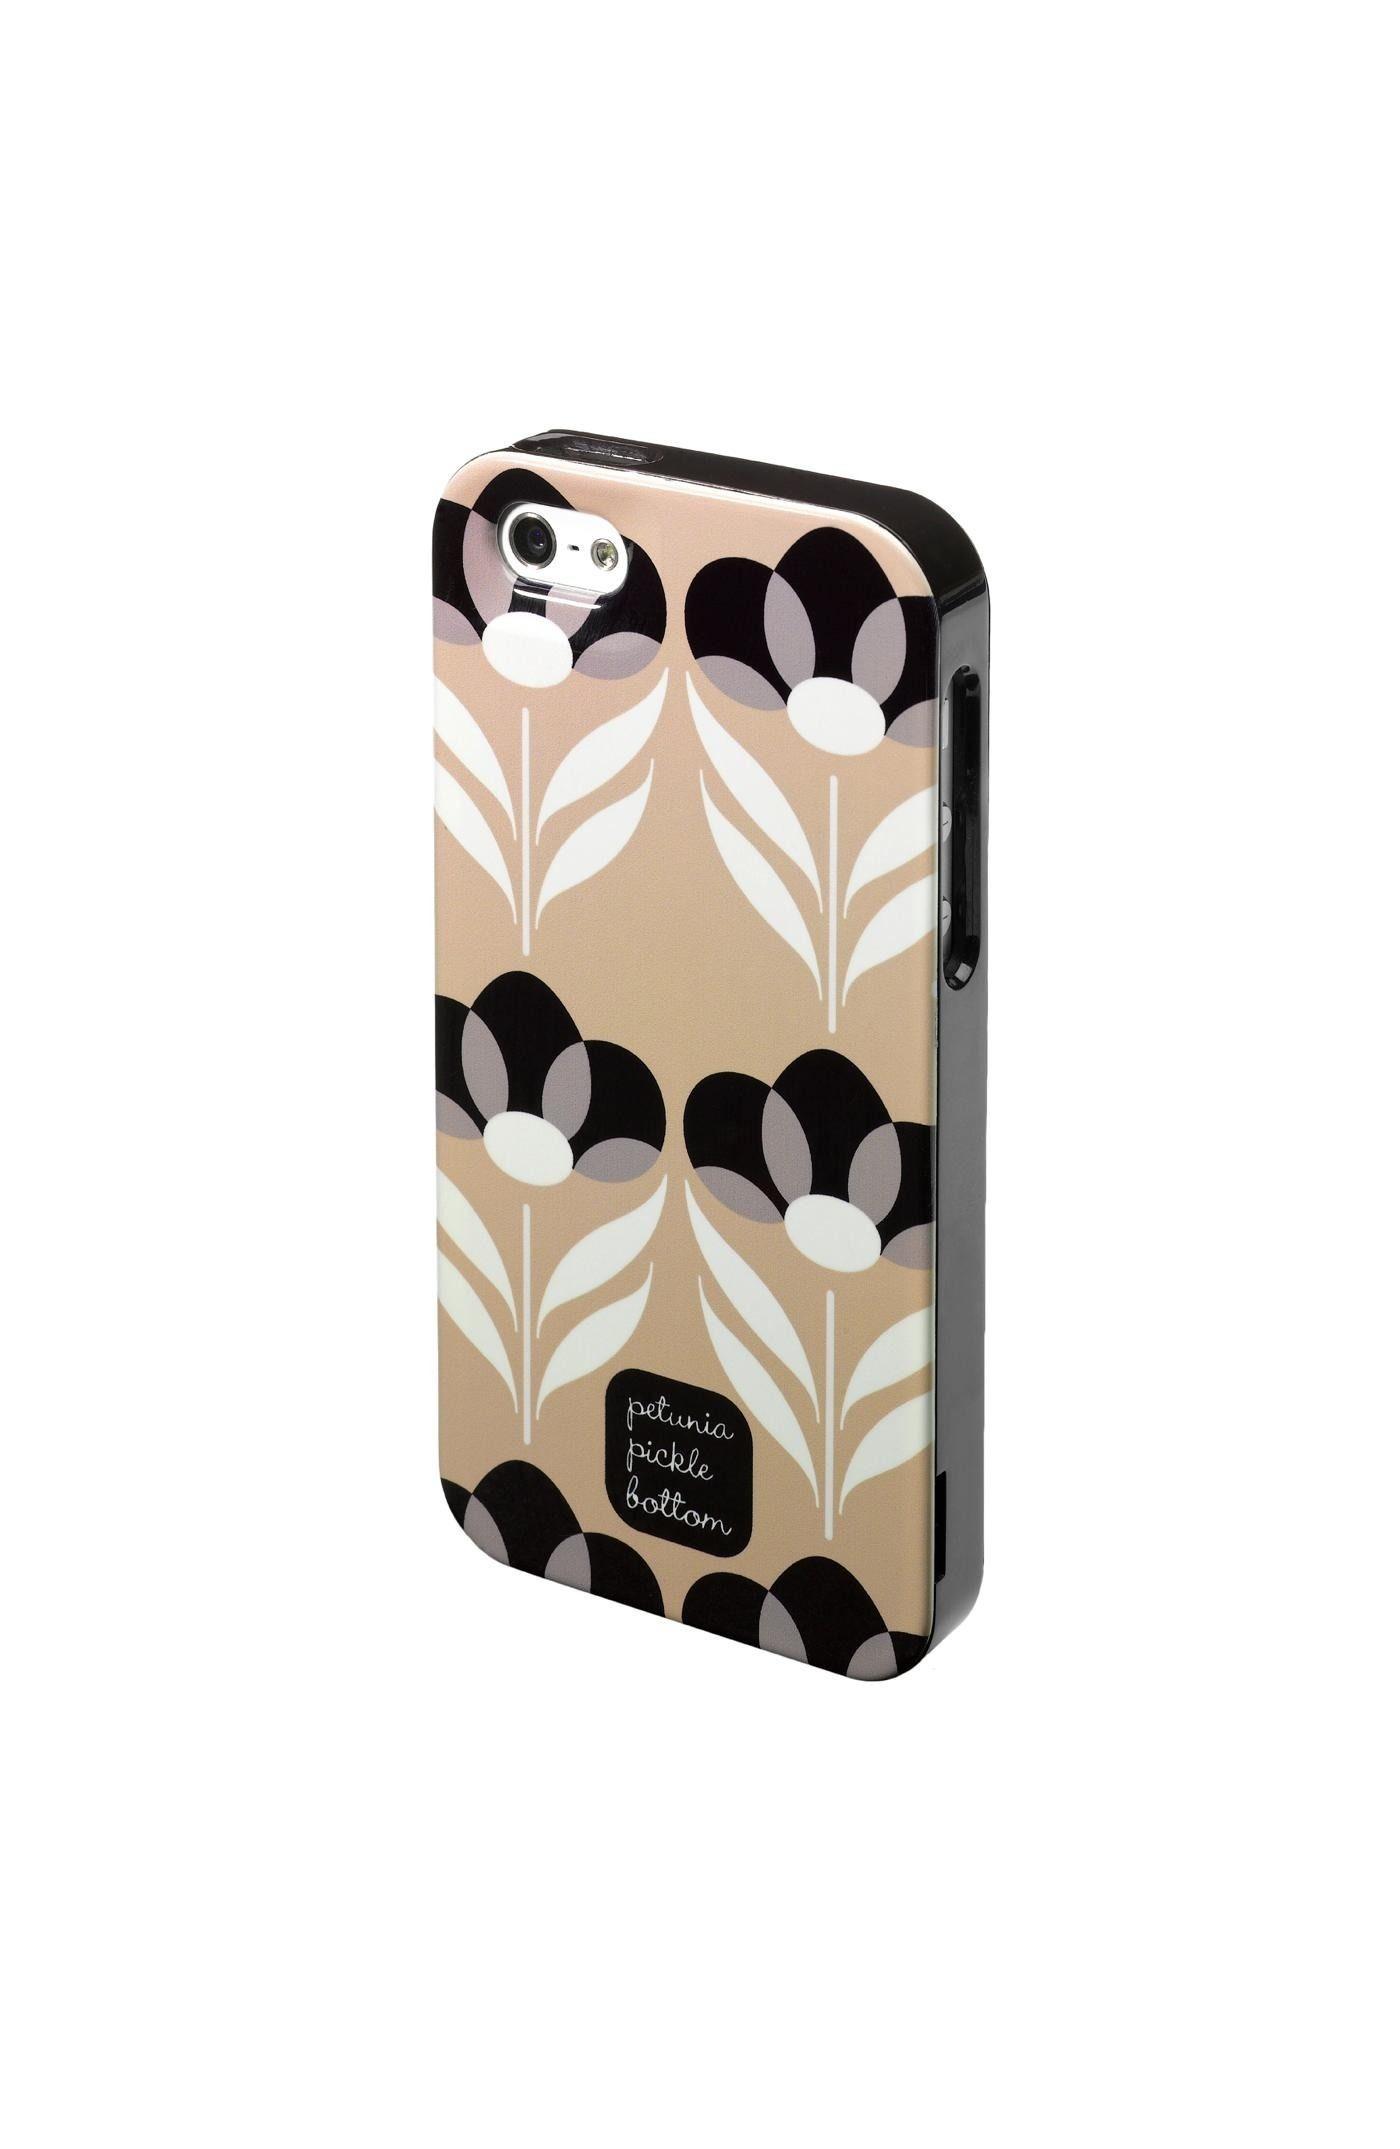 ペチュニアピックルボトム iPhone 5/5S 携帯カバー 携帯ケース/ミッドナイト イン マルメ